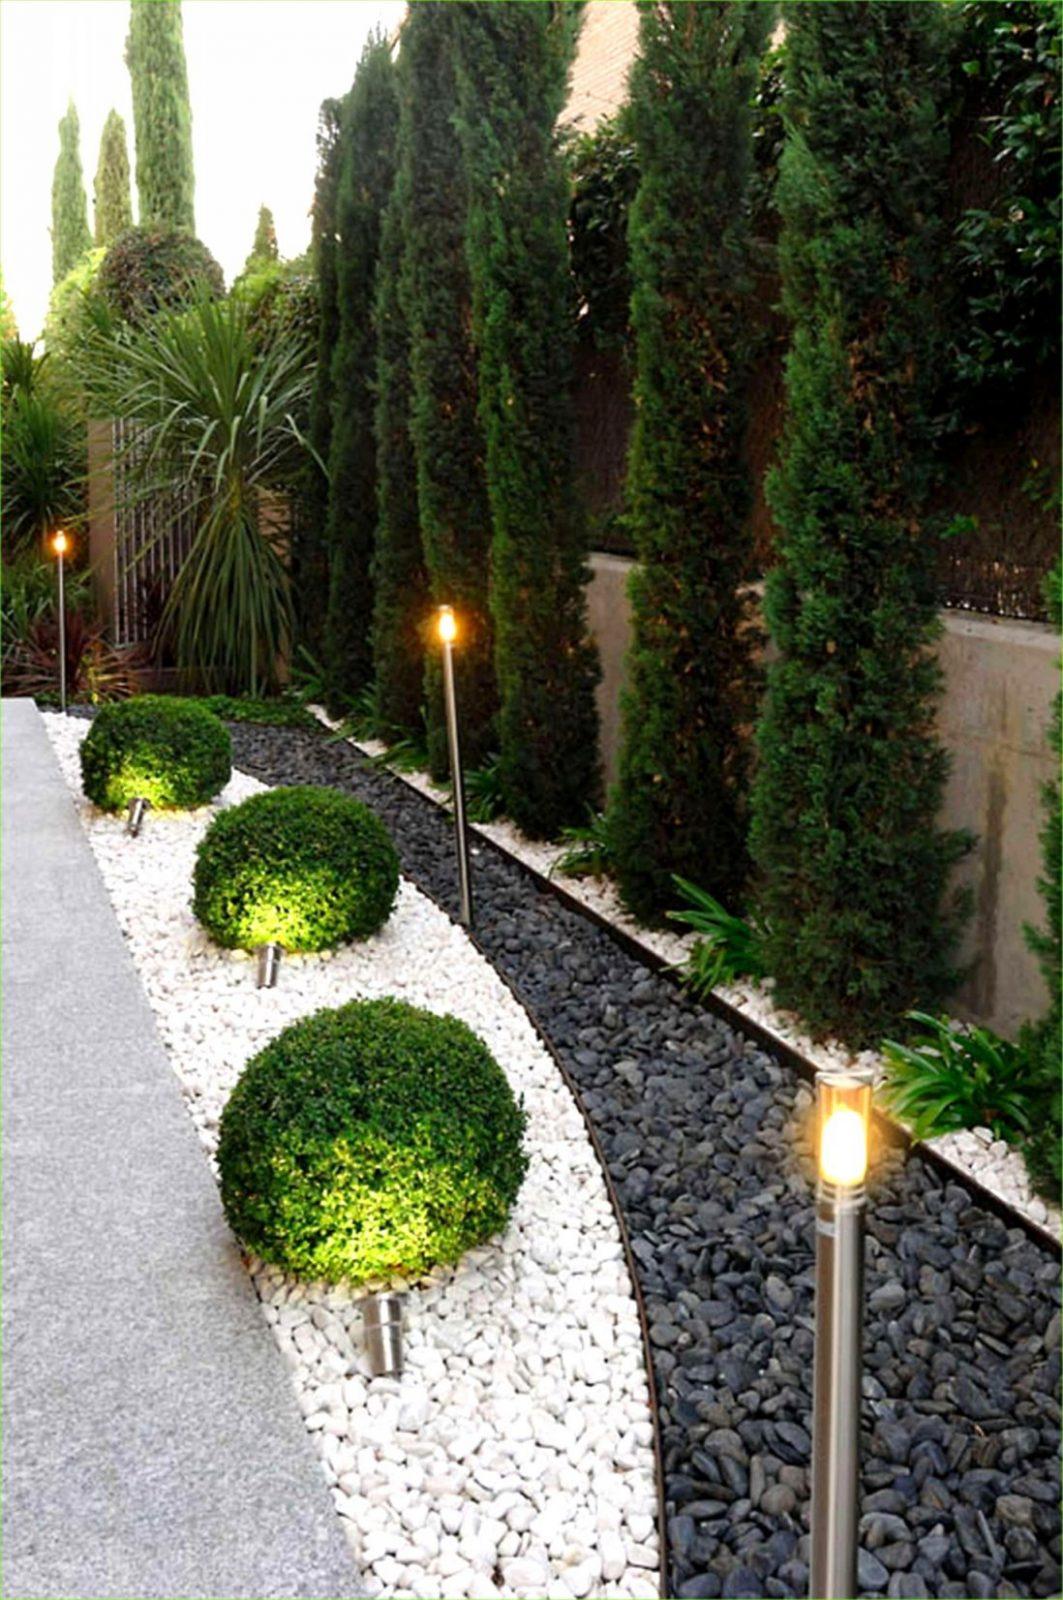 80 Images Gartengestaltung Kies Ideas von Gartengestaltung Mit Steinen Und Kies Bilder Photo